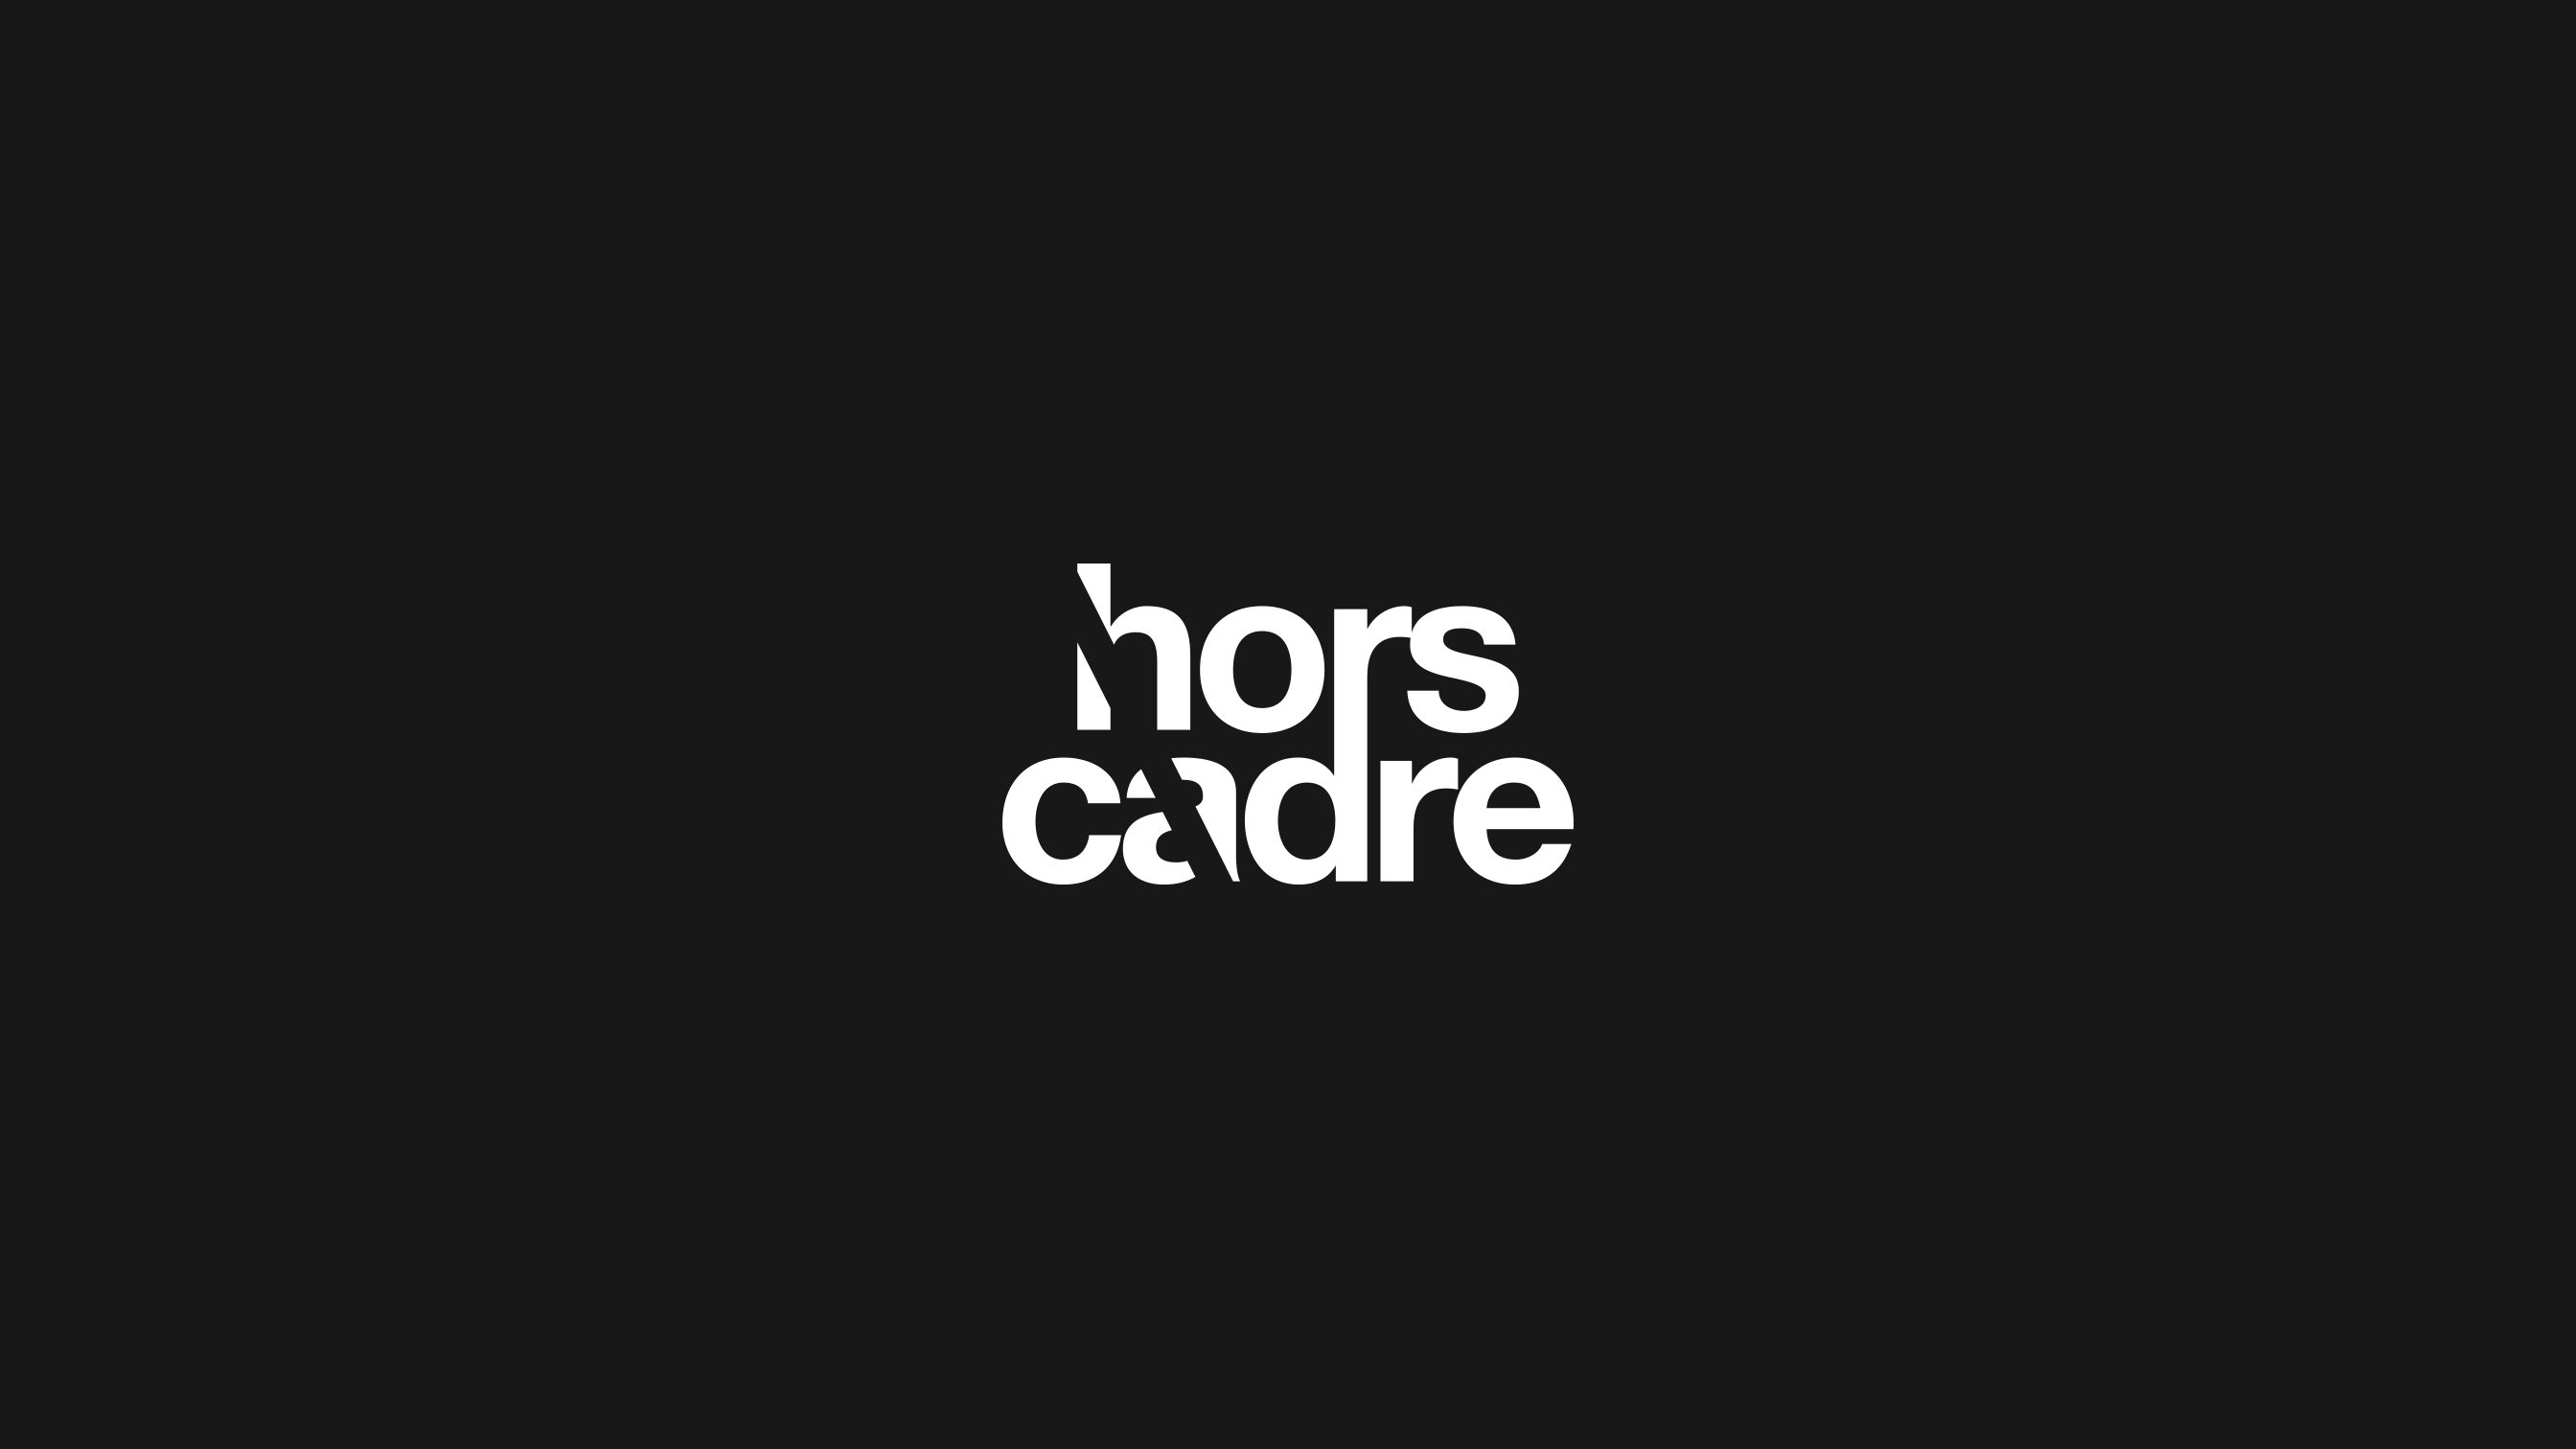 showcase-logotype-hors-cadre